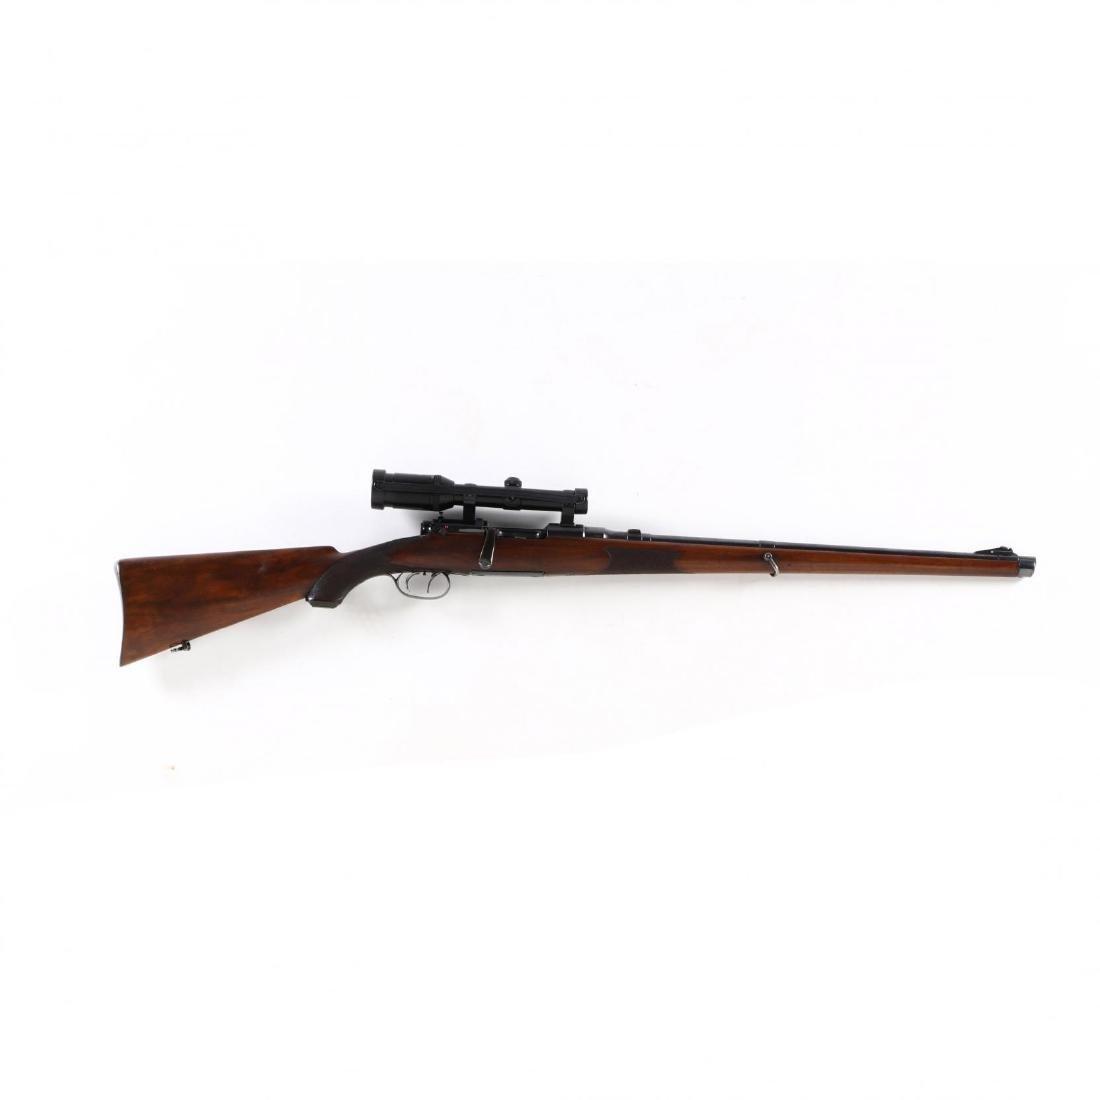 Steyr Mannlicher Schoenauer Sporting Rifle